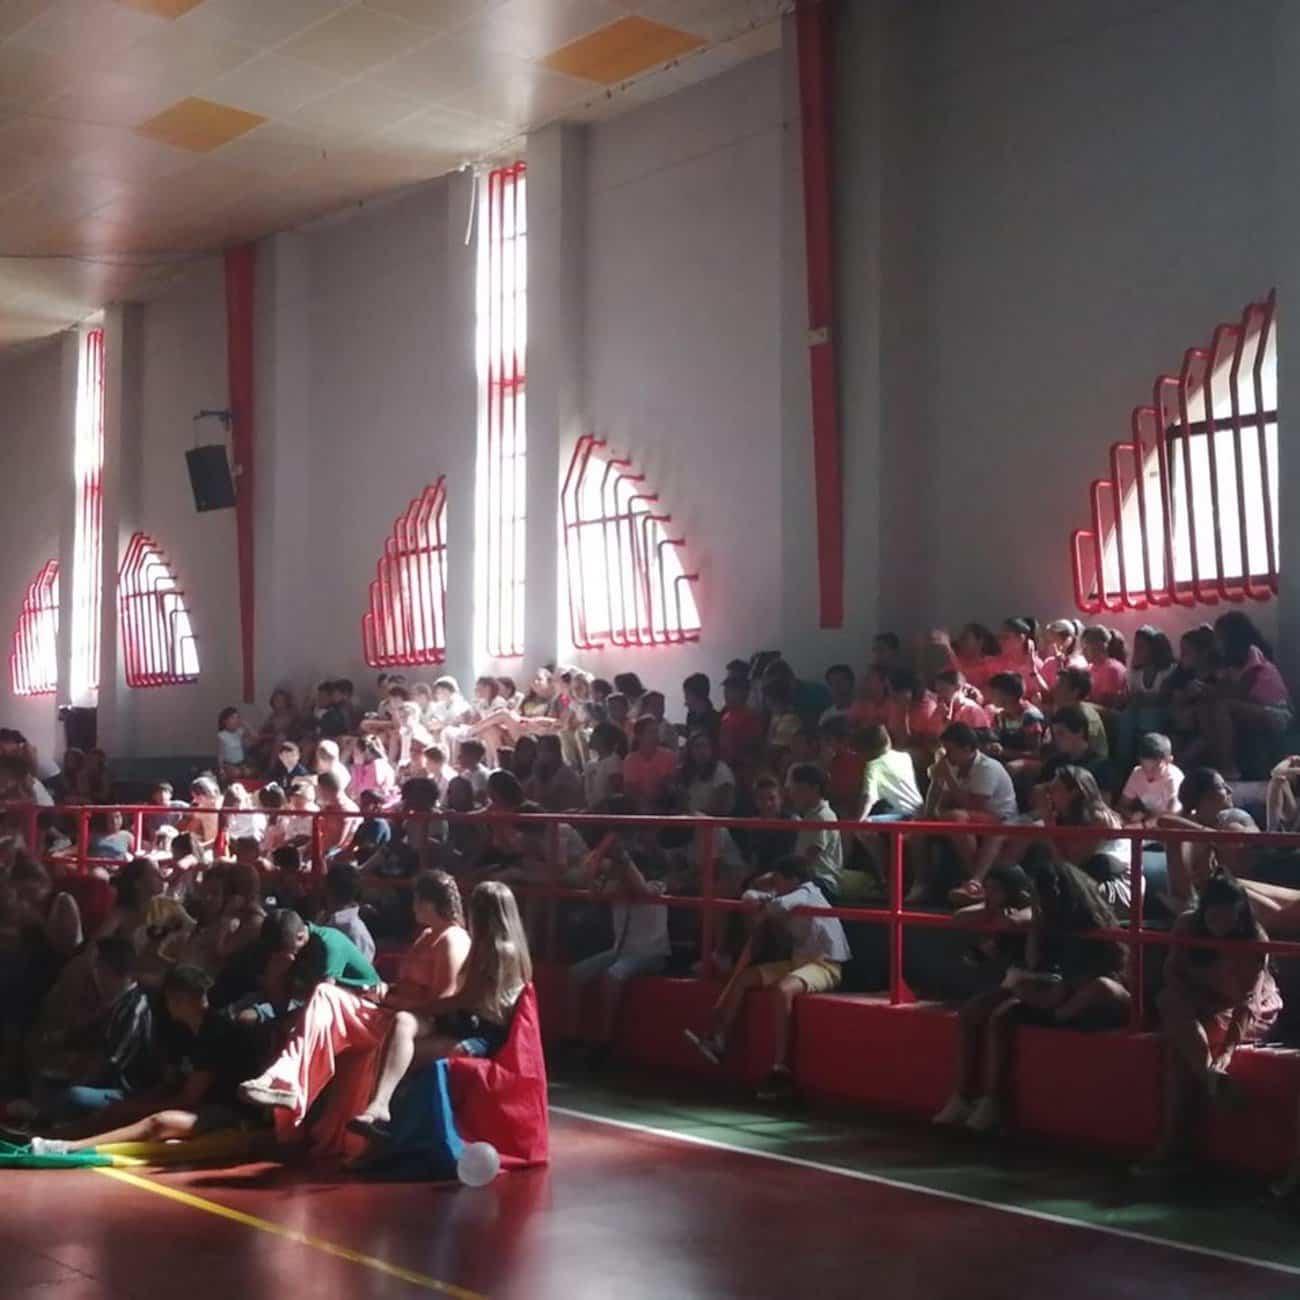 clausura escuela verano herencia 8 - Clausura de la Escuela de Verano 2019 en Herencia